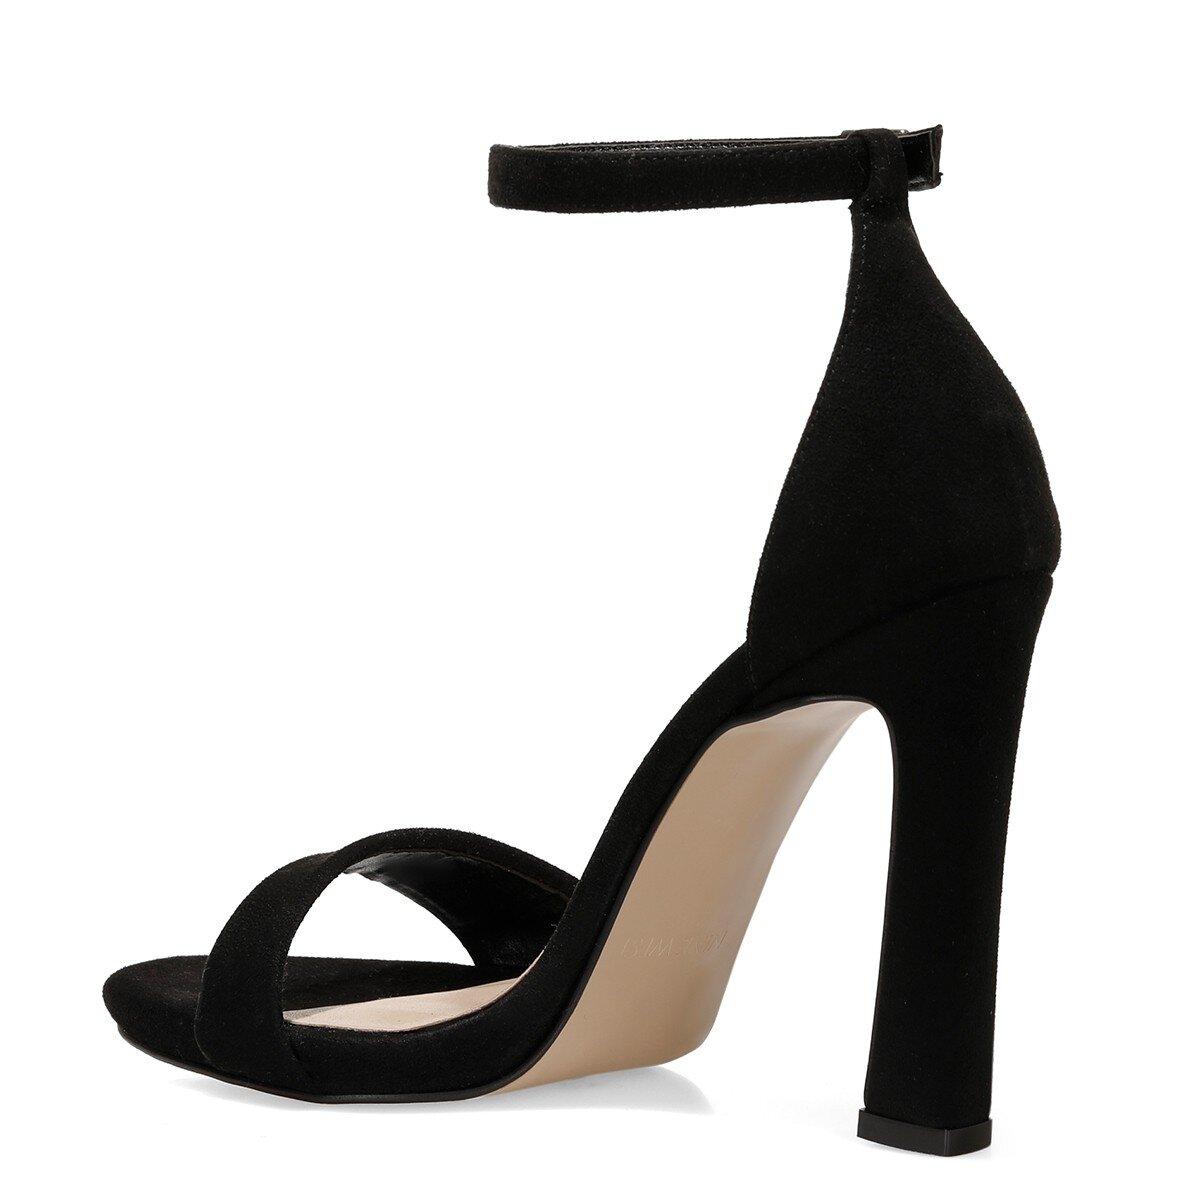 CELINSE 1FX Siyah Kadın Gova Ayakkabı